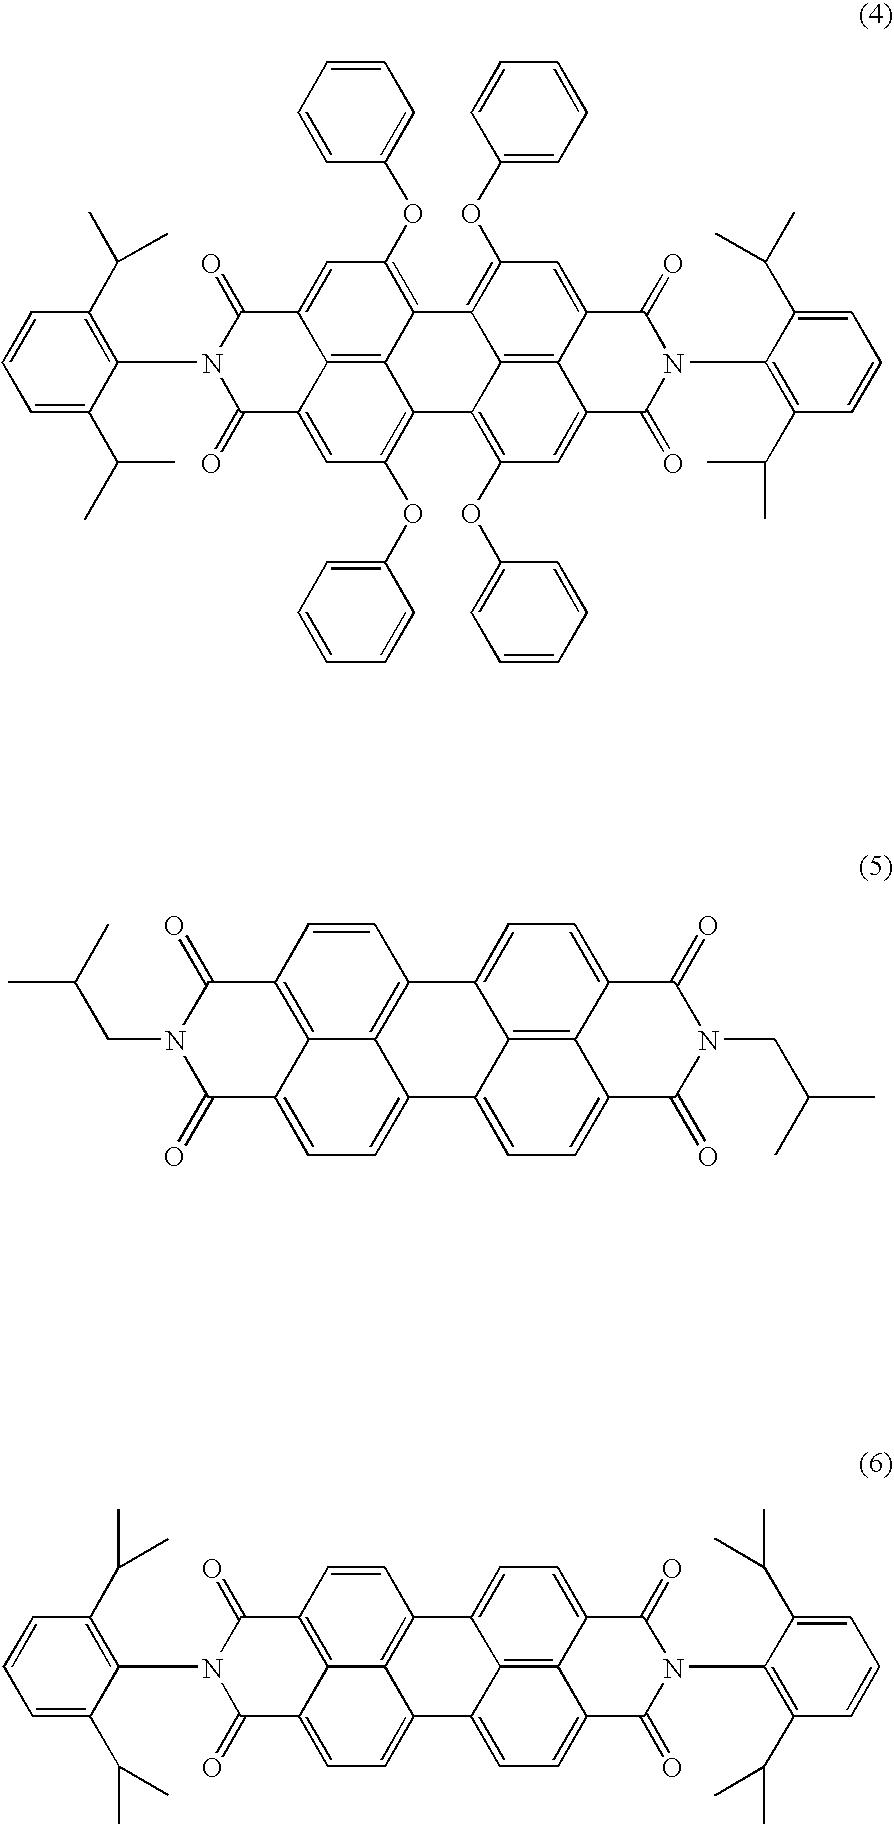 Figure US20080252198A1-20081016-C00004